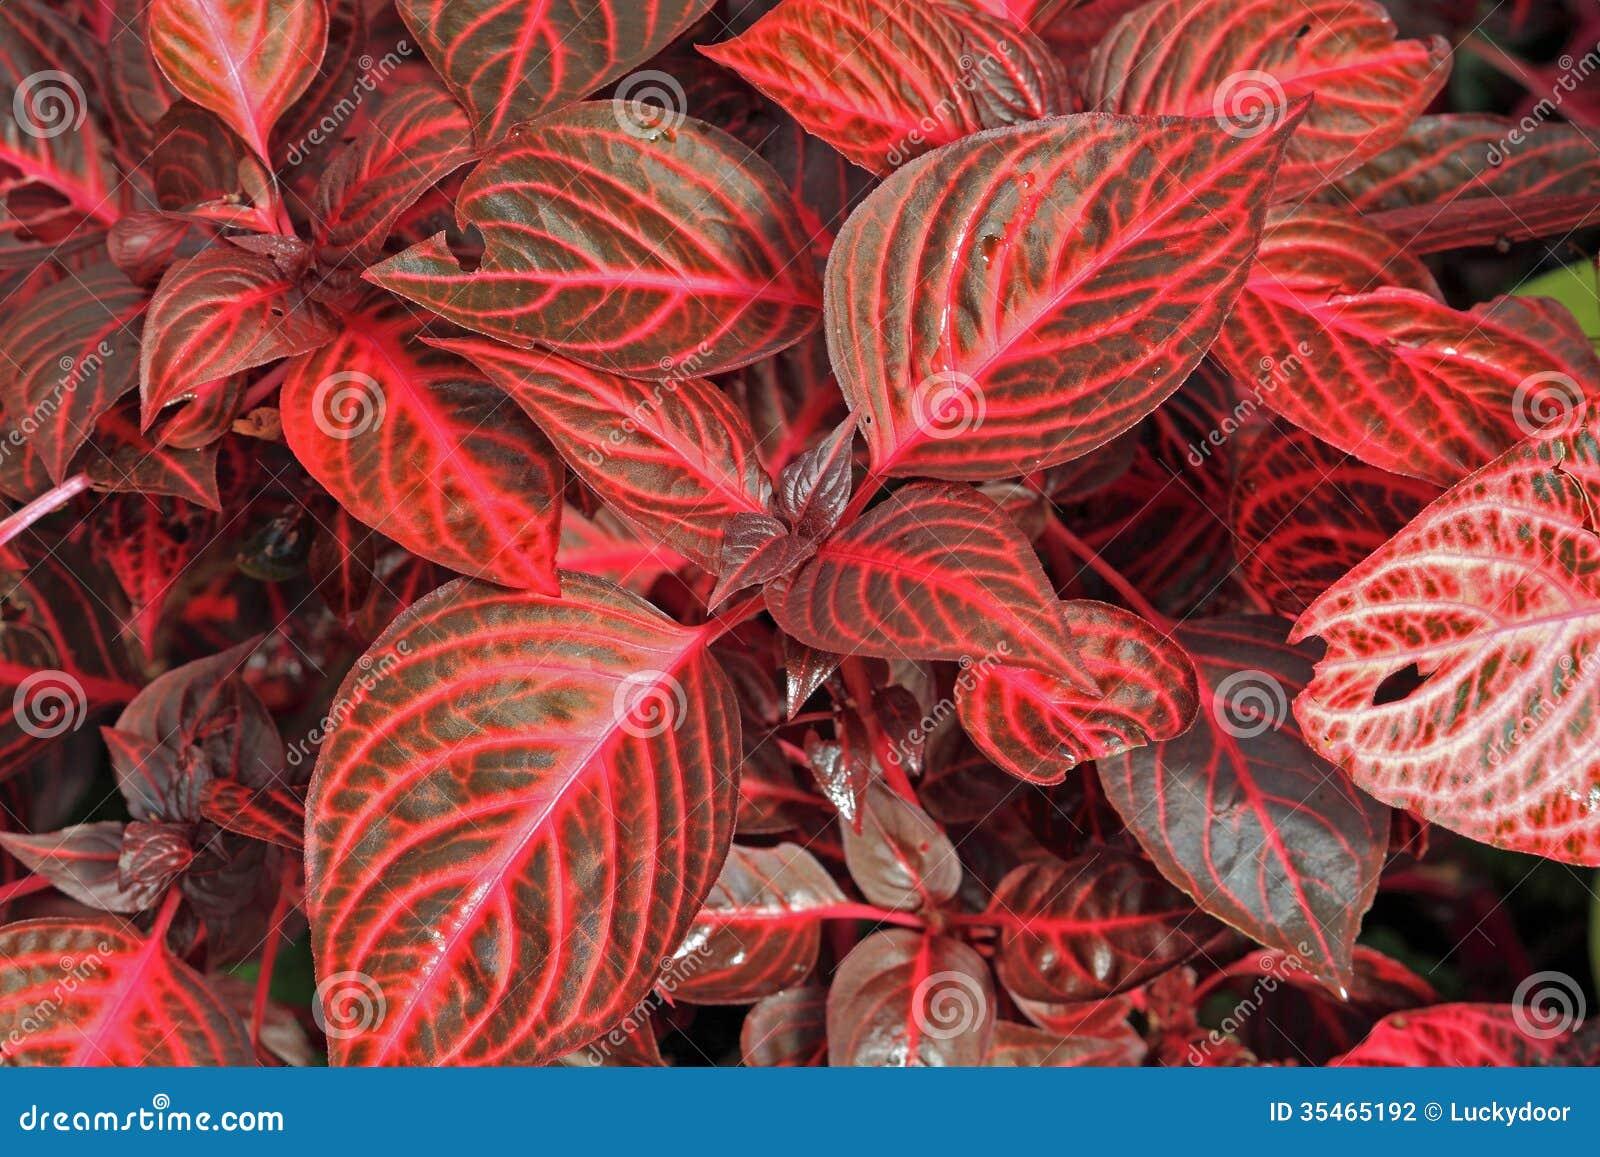 flores tropicais jardim:Plantas Decorativas Vermelhas Fotografia de Stock – Imagem: 35465192